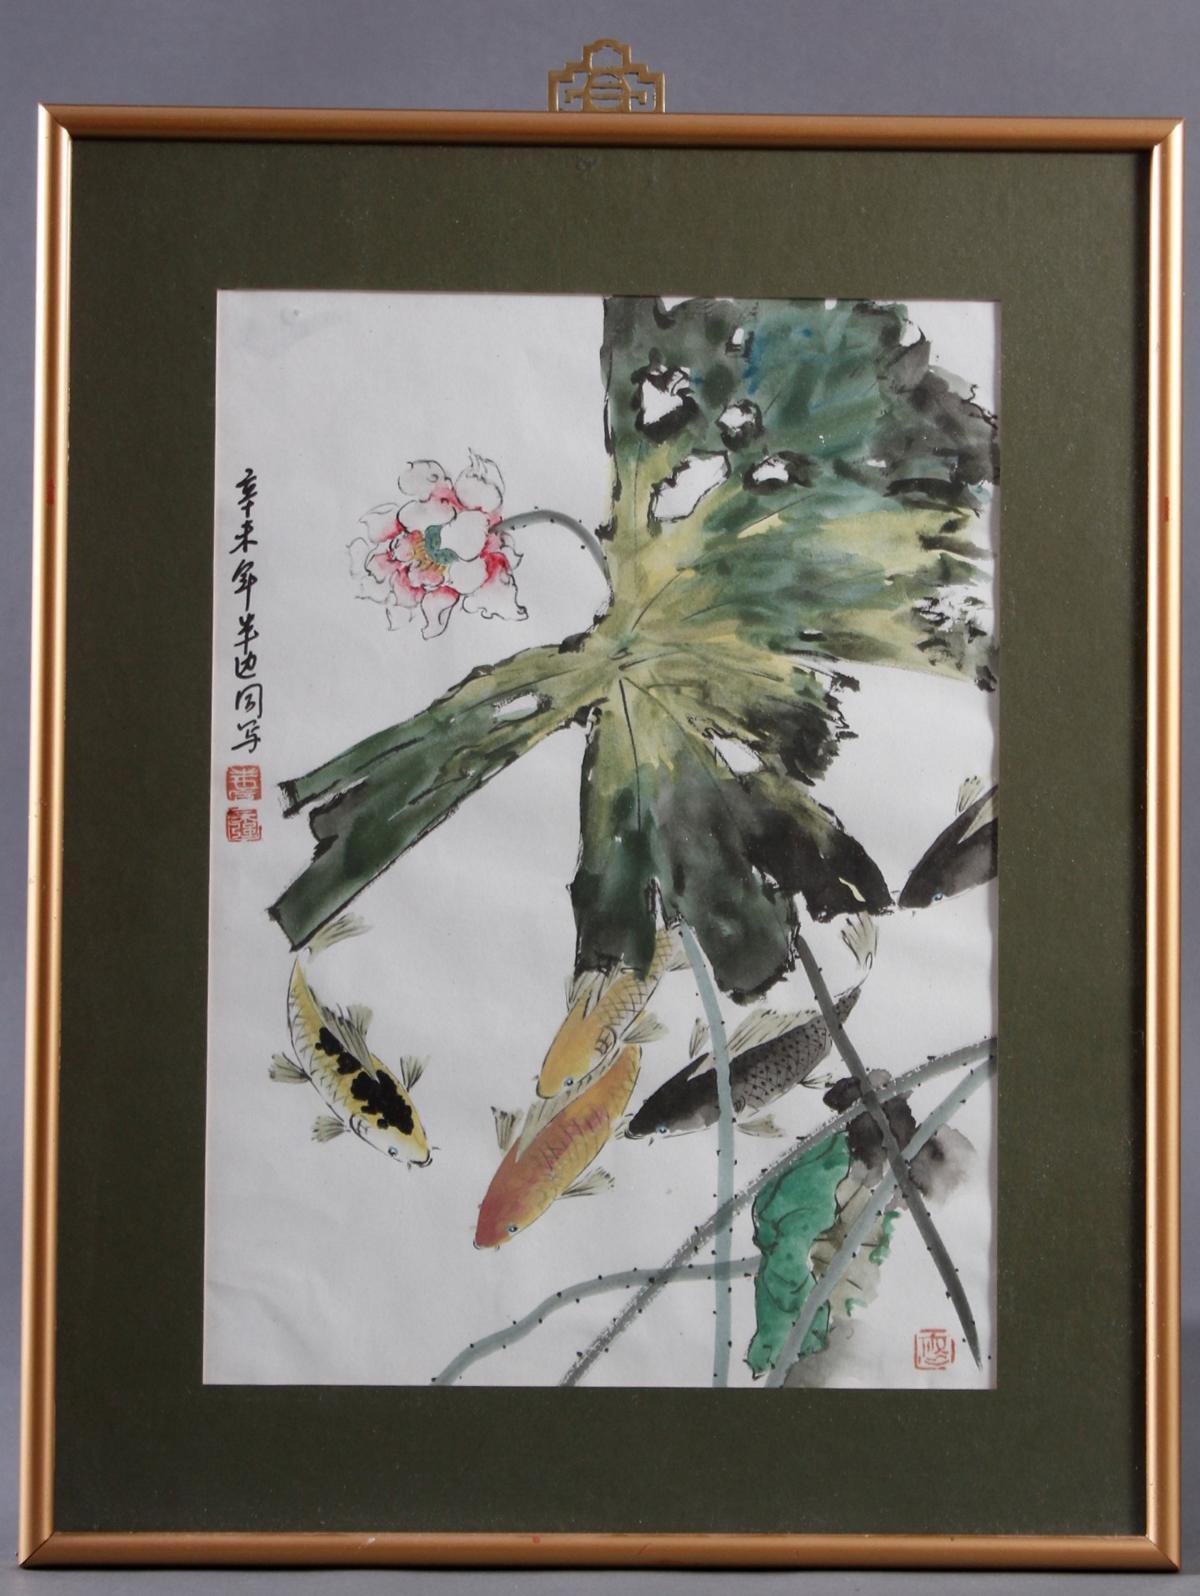 Aquarell, China, Mitte 20. Jahrhundert